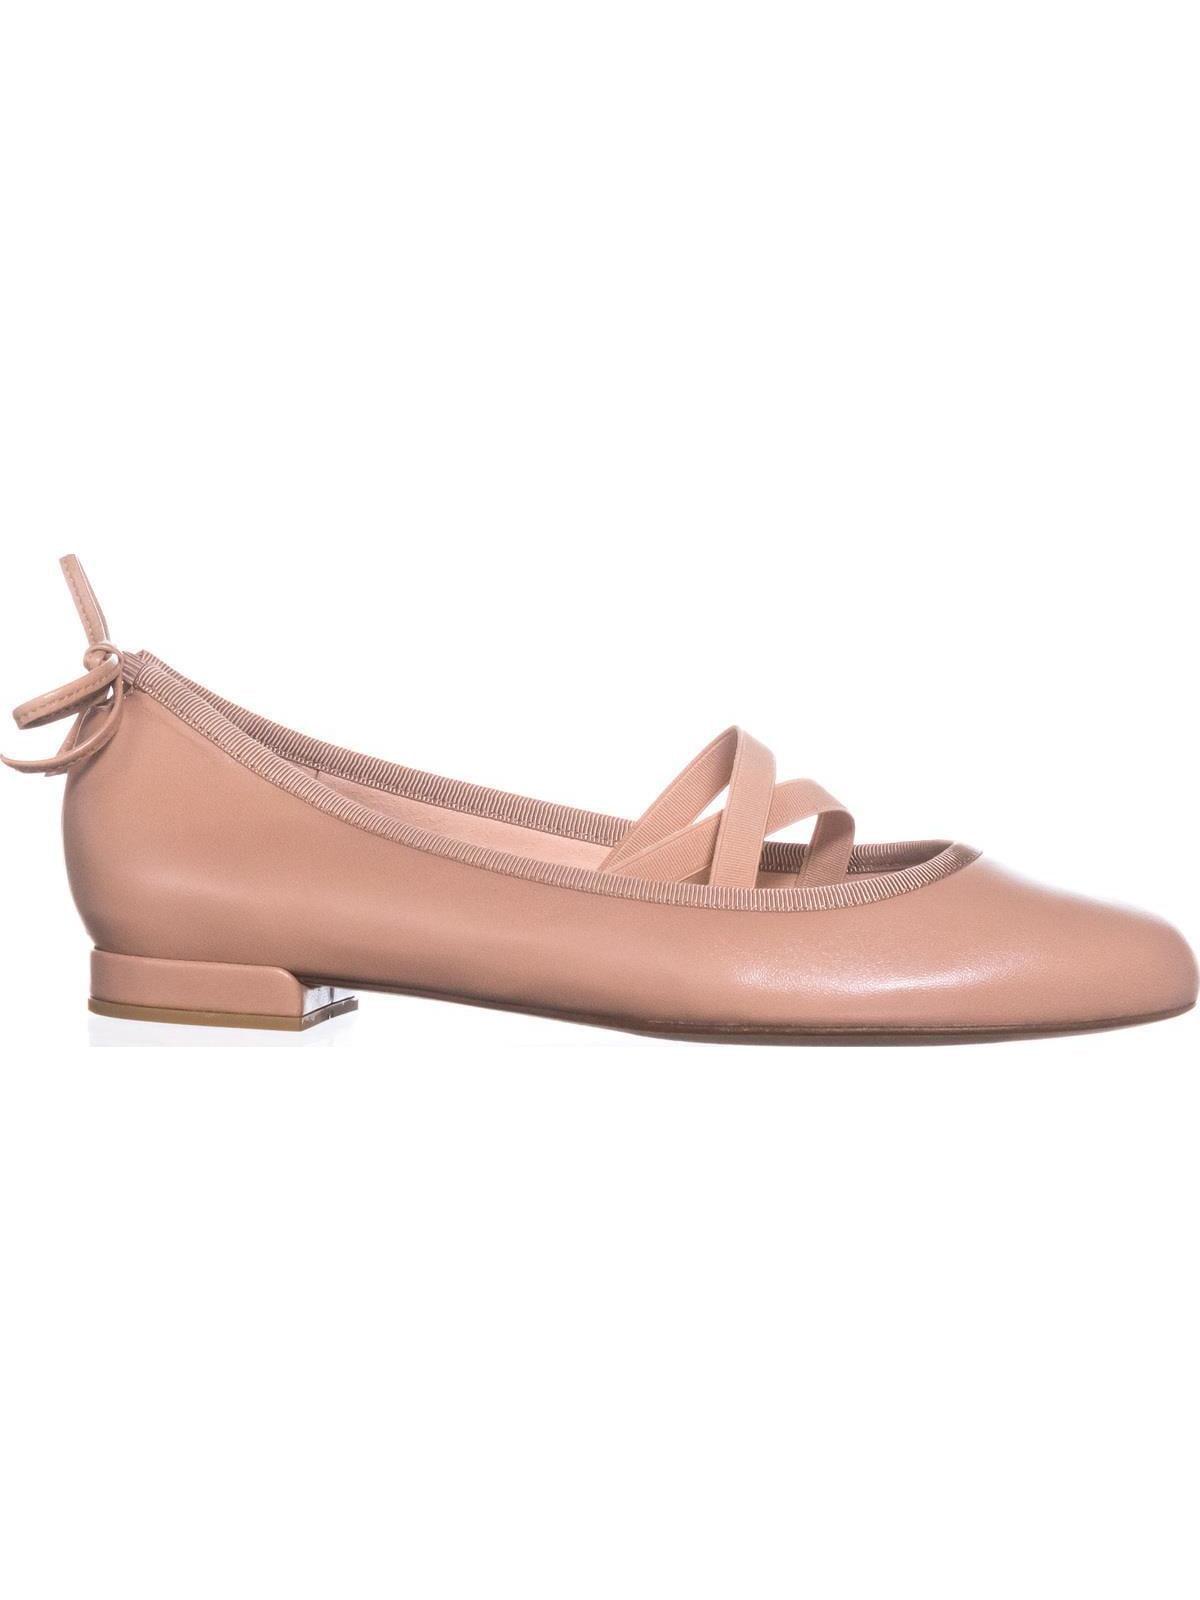 3dcb30616d40 Stuart Weitzman - Womens Stuart Weitzman Bolshoi Ballet Flats